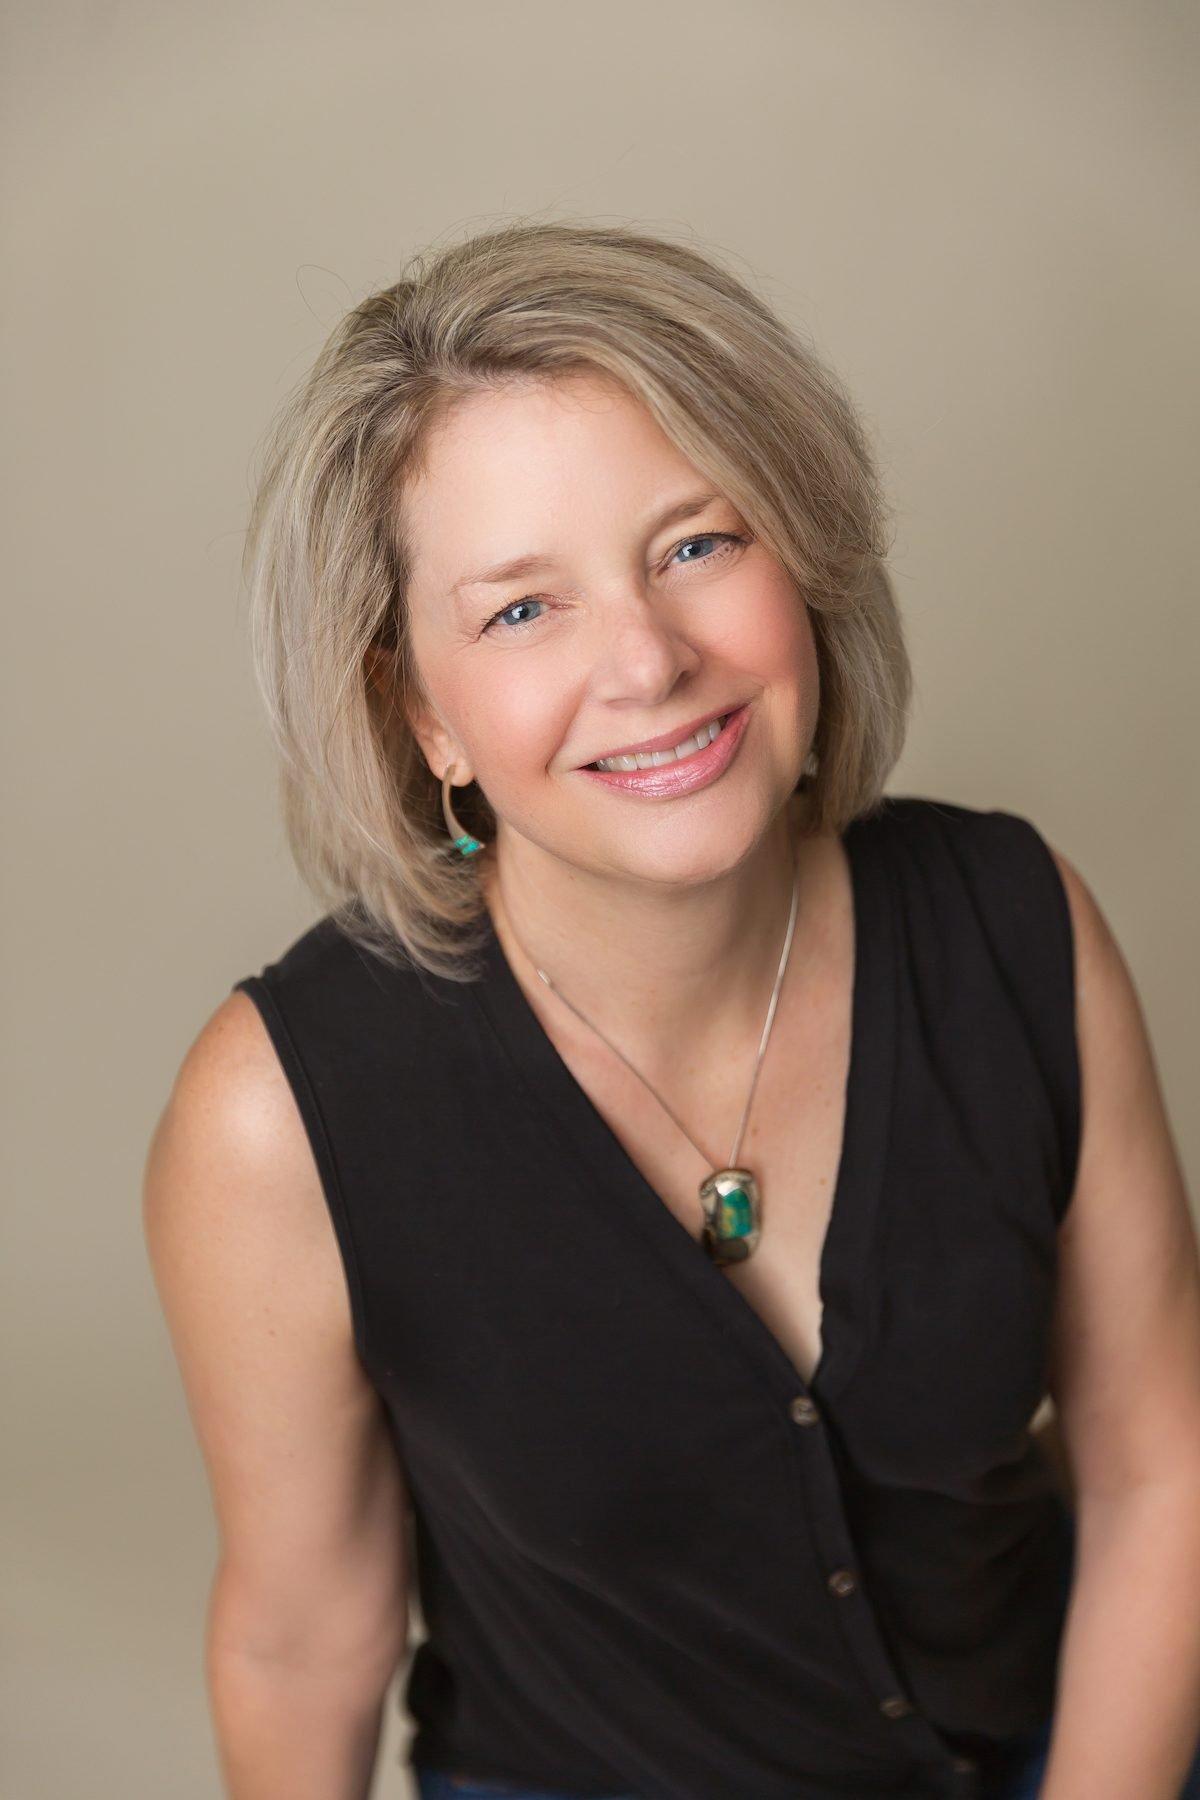 Jenny Wisniewski